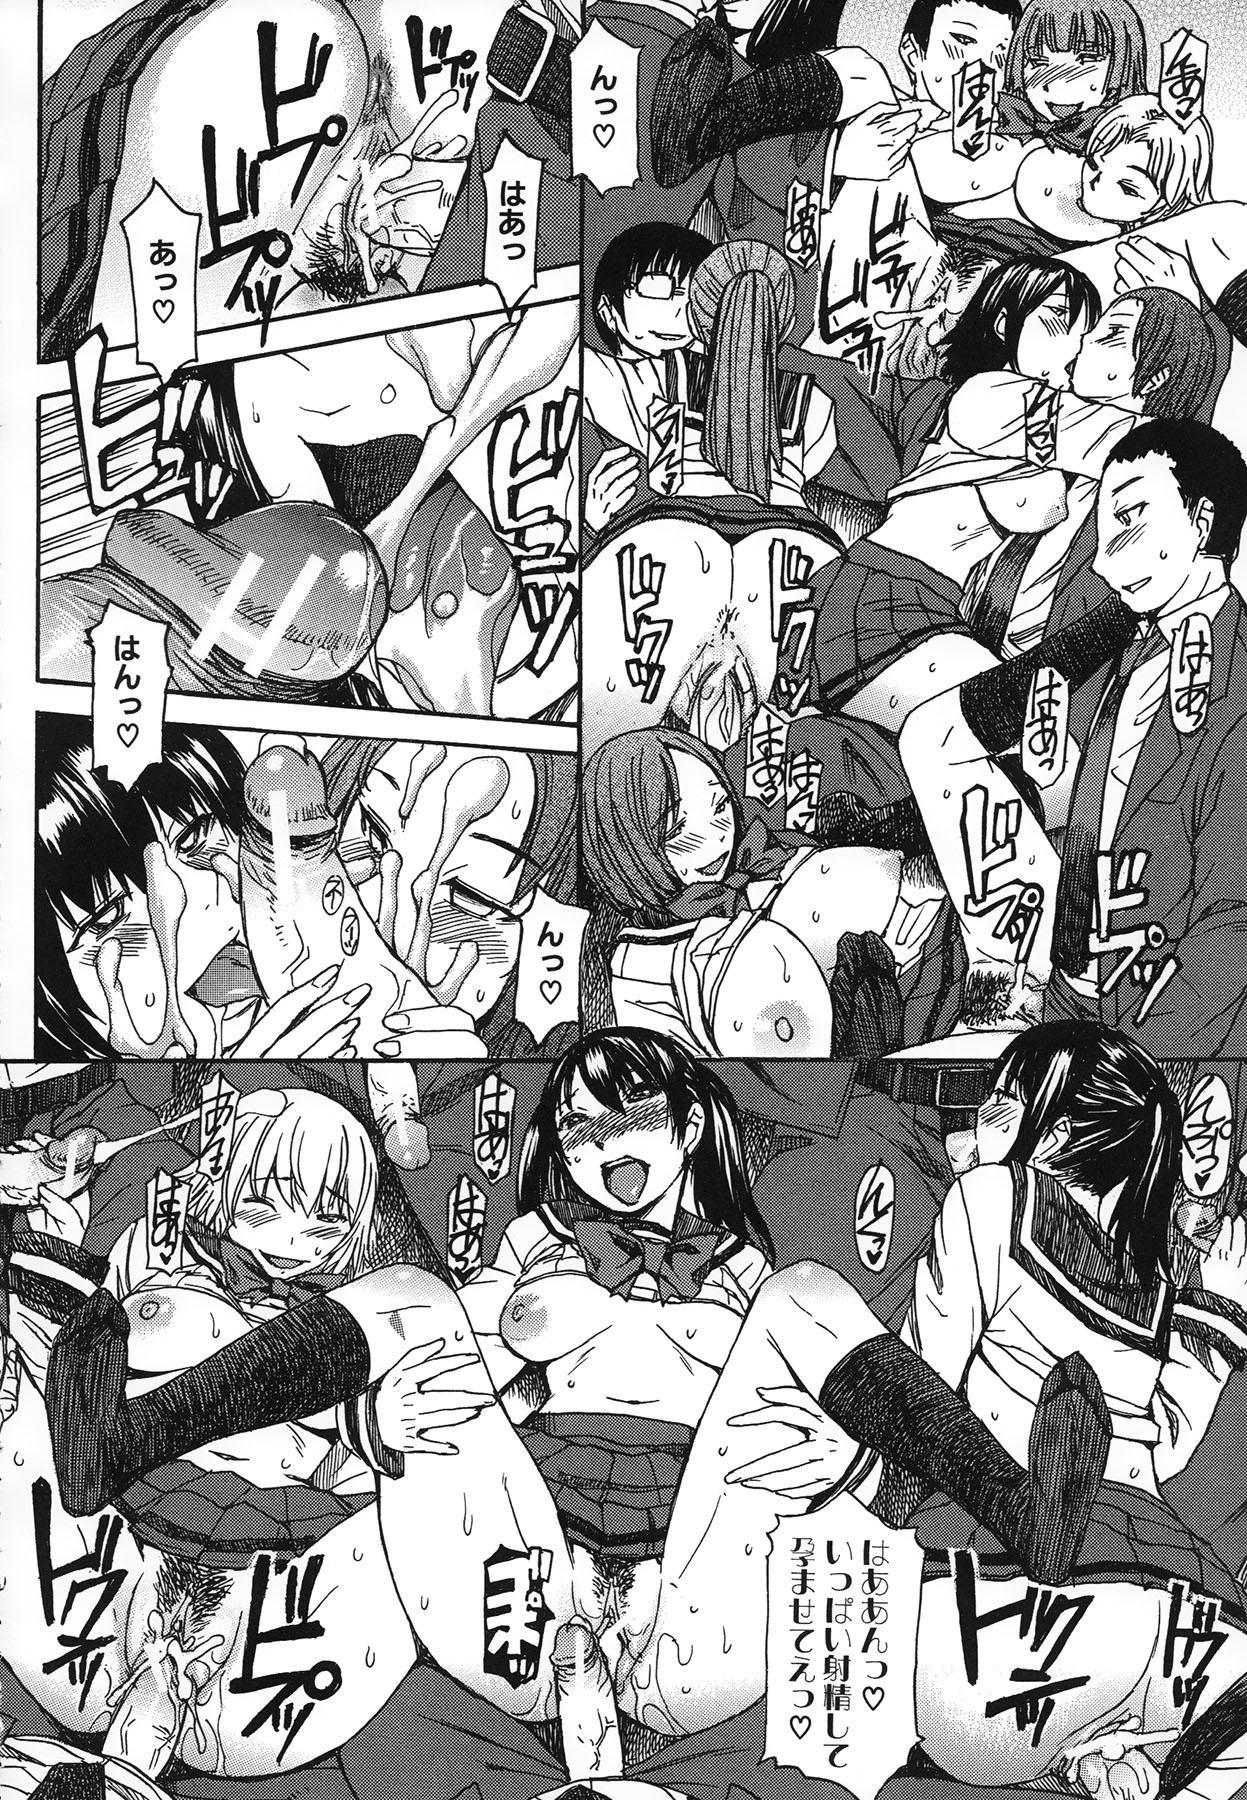 Ashigami 185